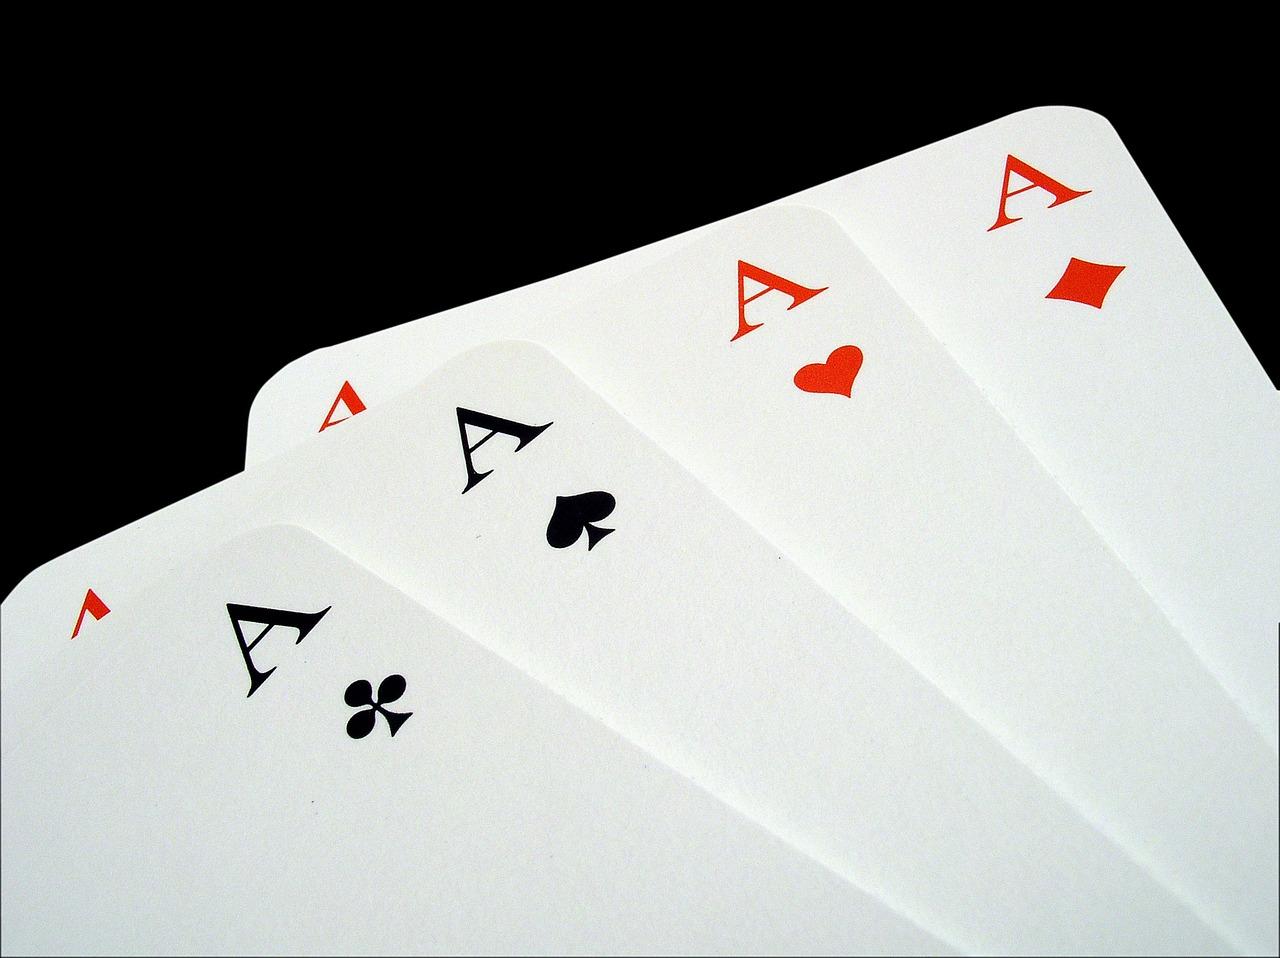 Открытки, открытки покер